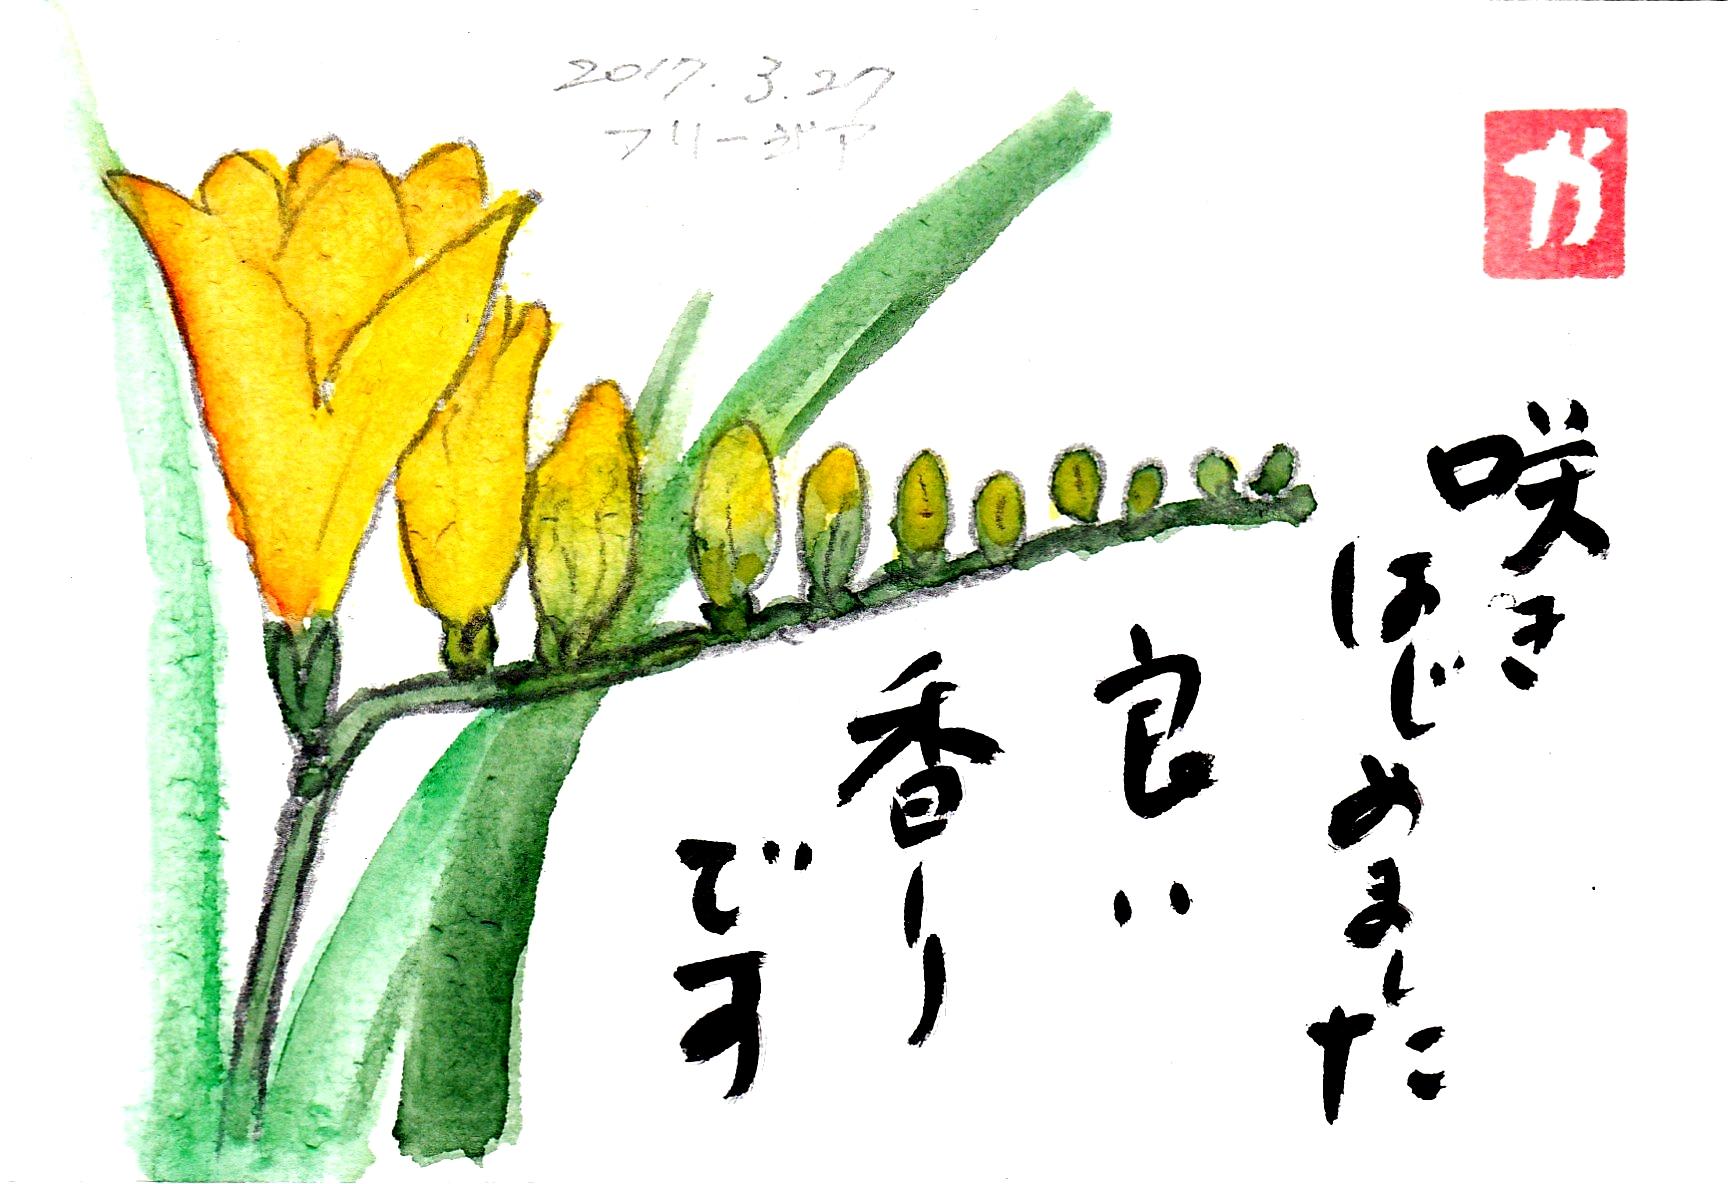 咲きはじめました 良い香りです〜フリージア〜